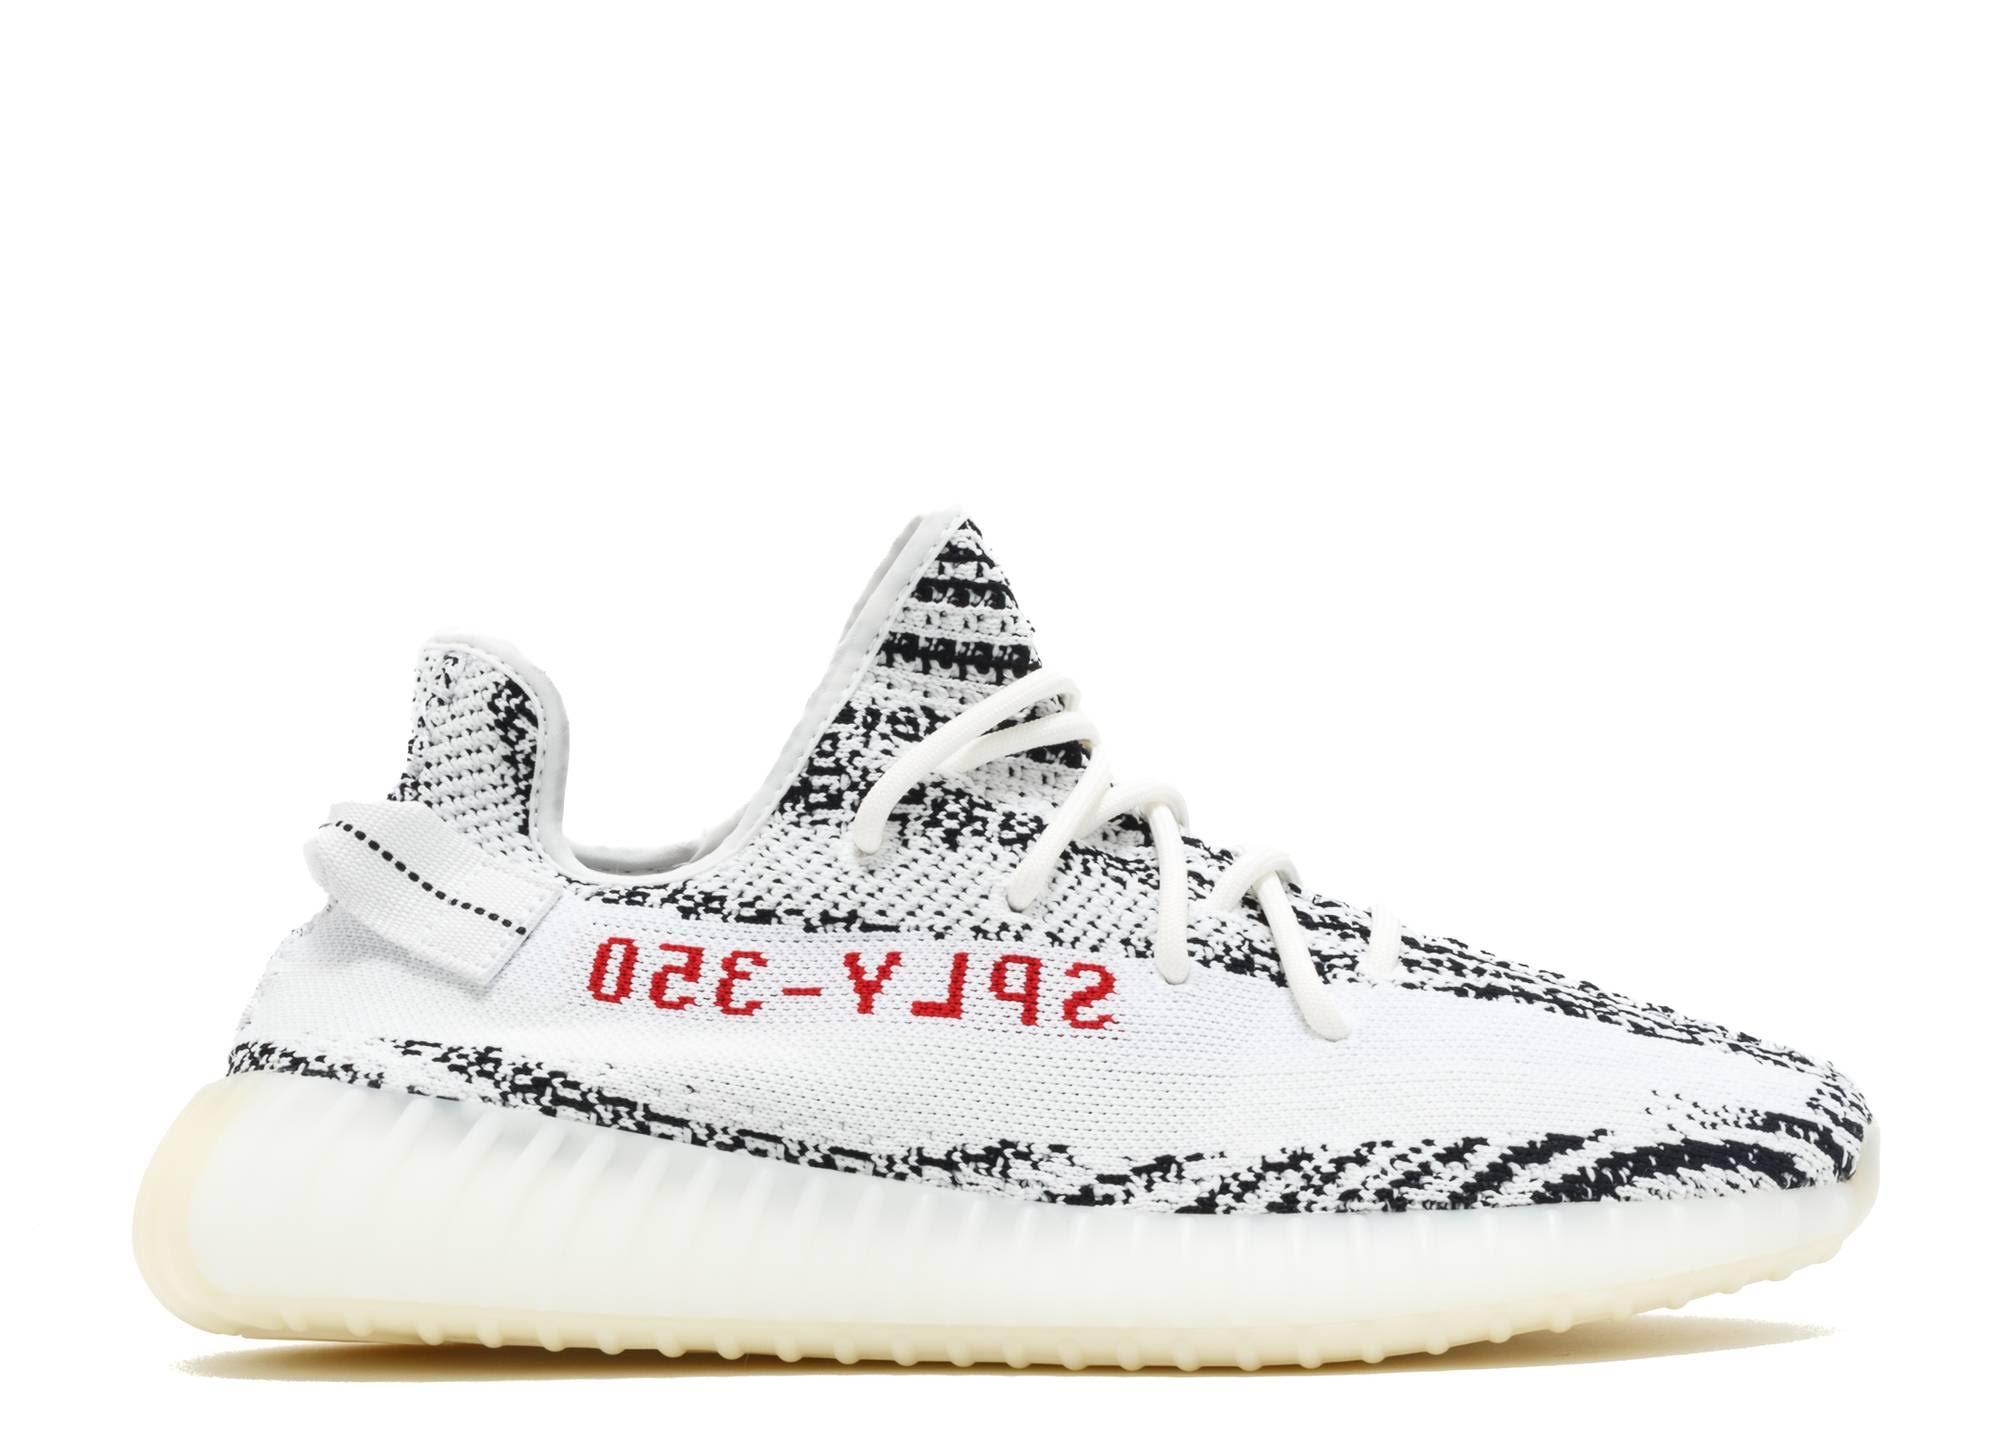 Boost Adidas Yeezy Rot Zebra 350 Kern Schwarz Weiß V2 wrwxqO